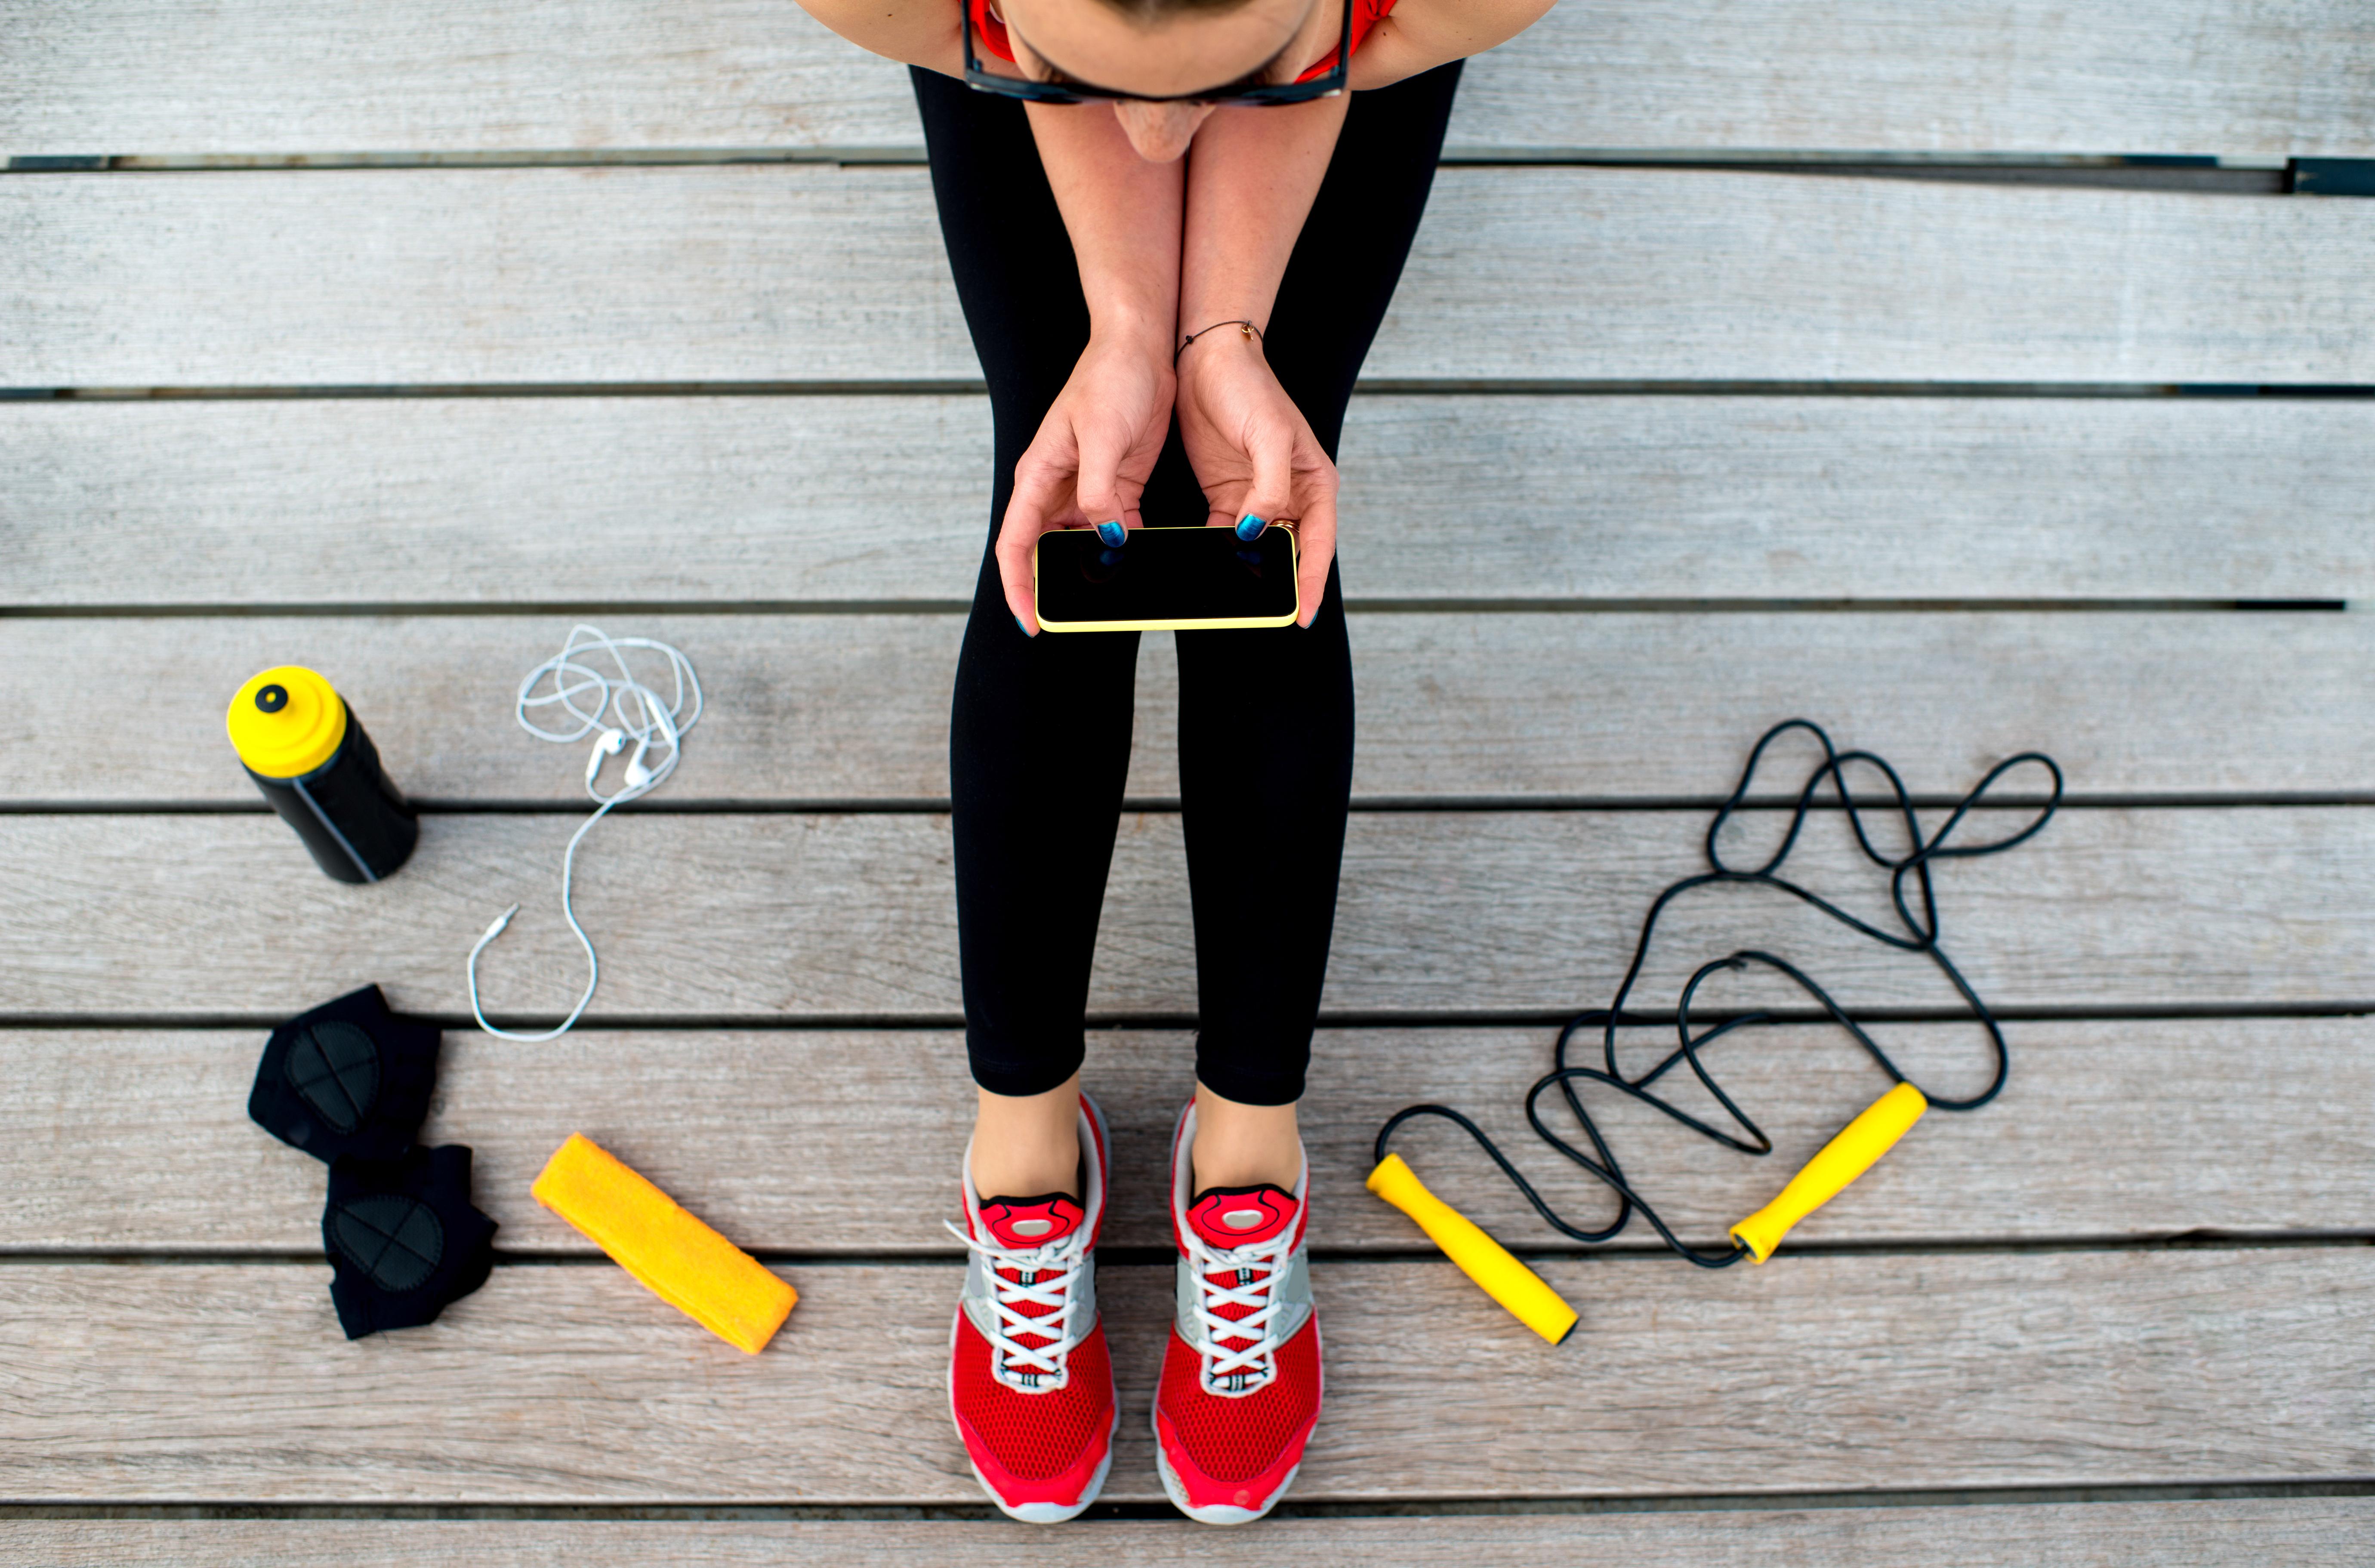 Мотивация К Похудению Обои. Мотивирующие картинки про похудение